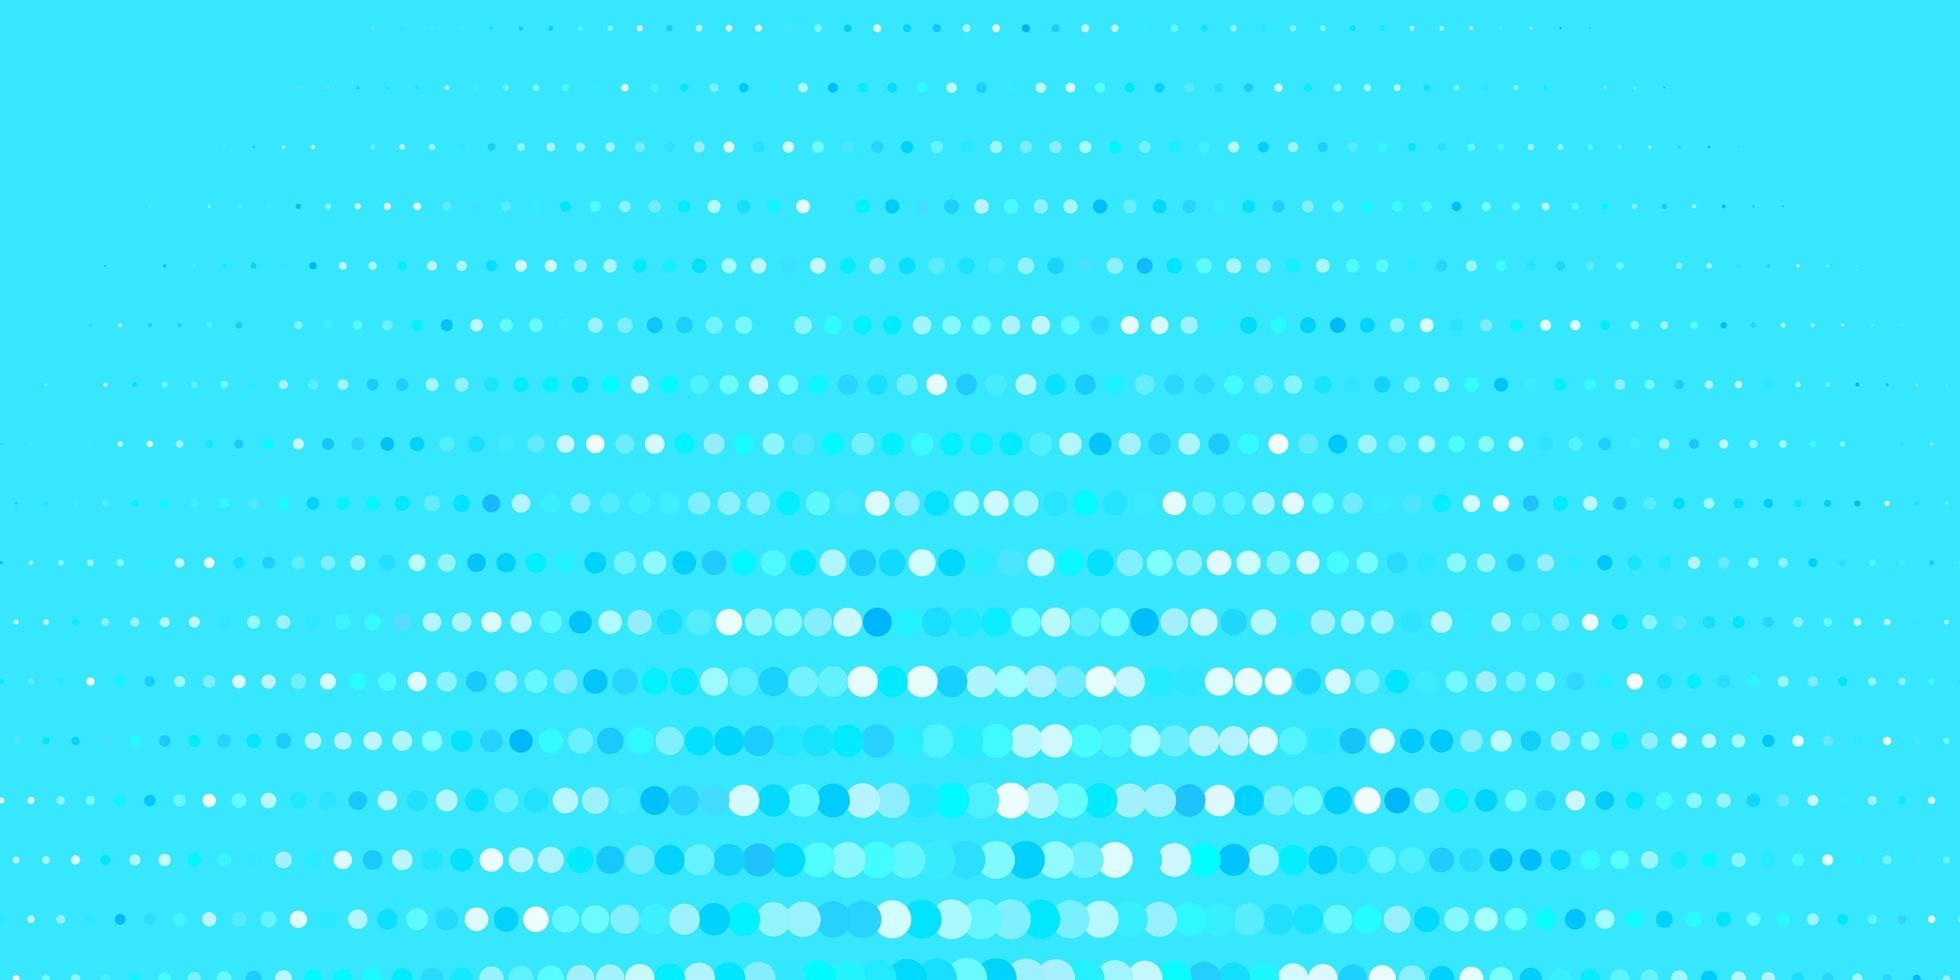 patrón azul con esferas. vector